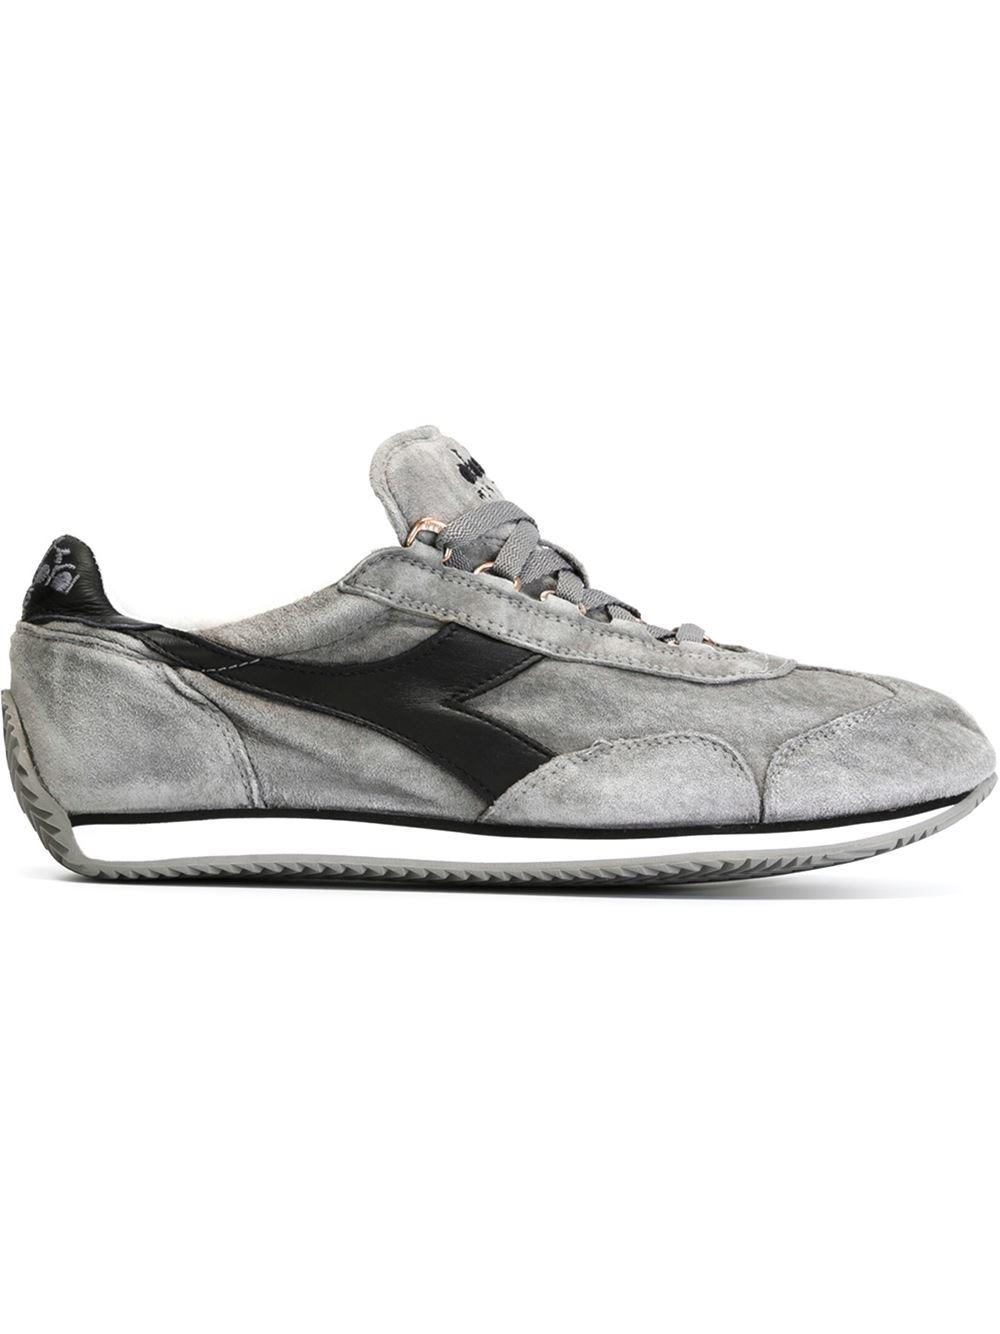 diadora sneakers - photo #44